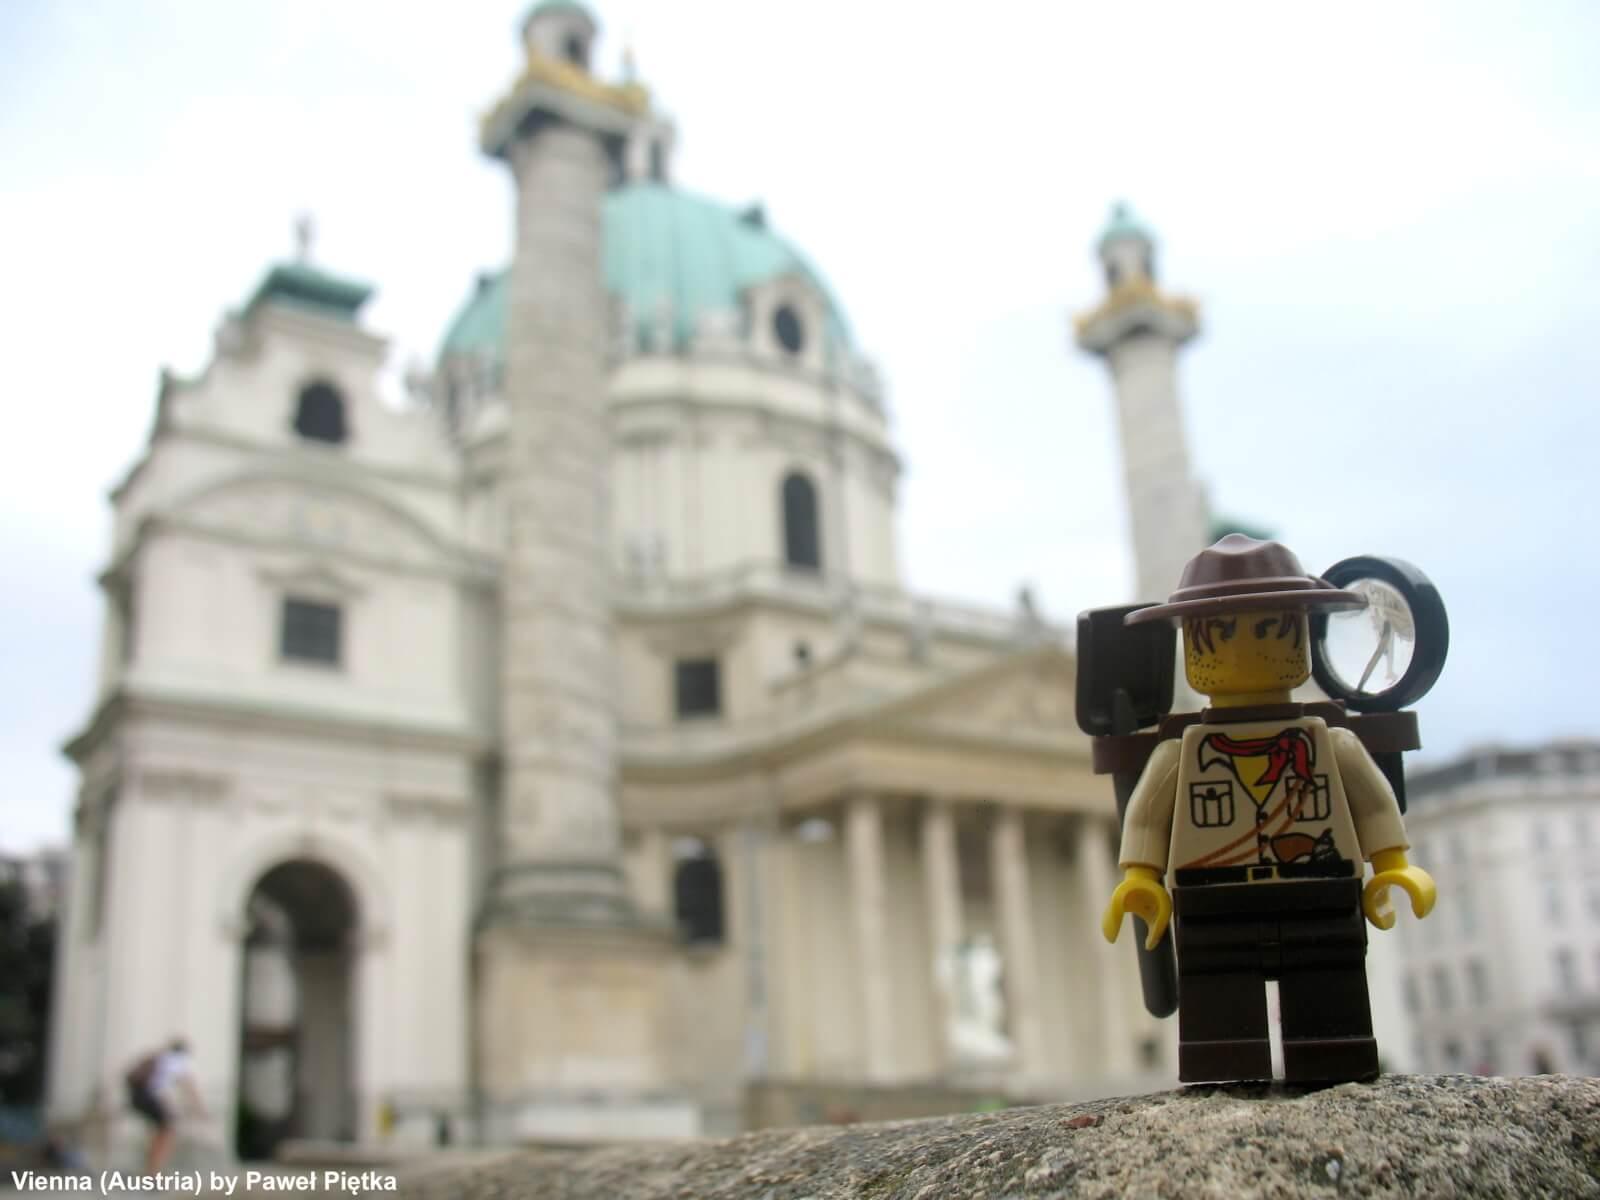 Vienna (Austria) - Karlskirche St Charles Church